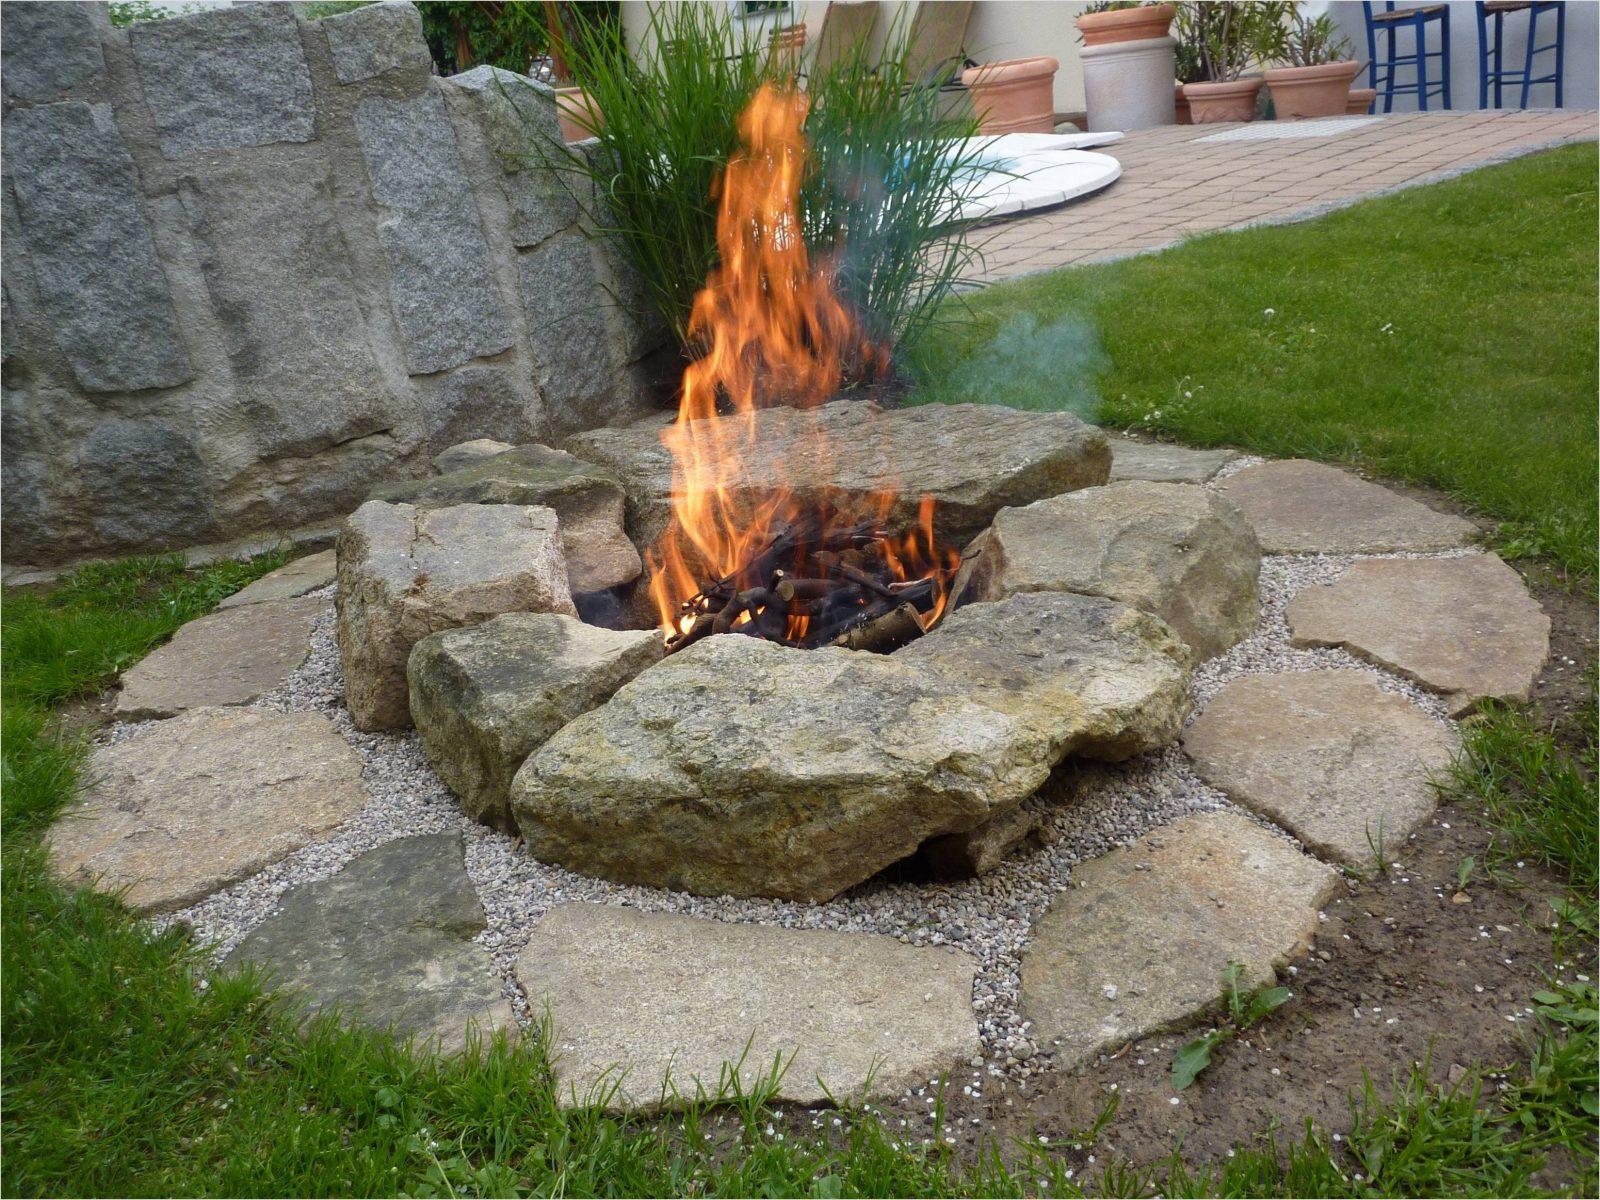 Faszinierend Feuerstelle Garten Selber Bauen Feuerstelle Im Garten von Feuerstelle Im Garten Bilder Bild